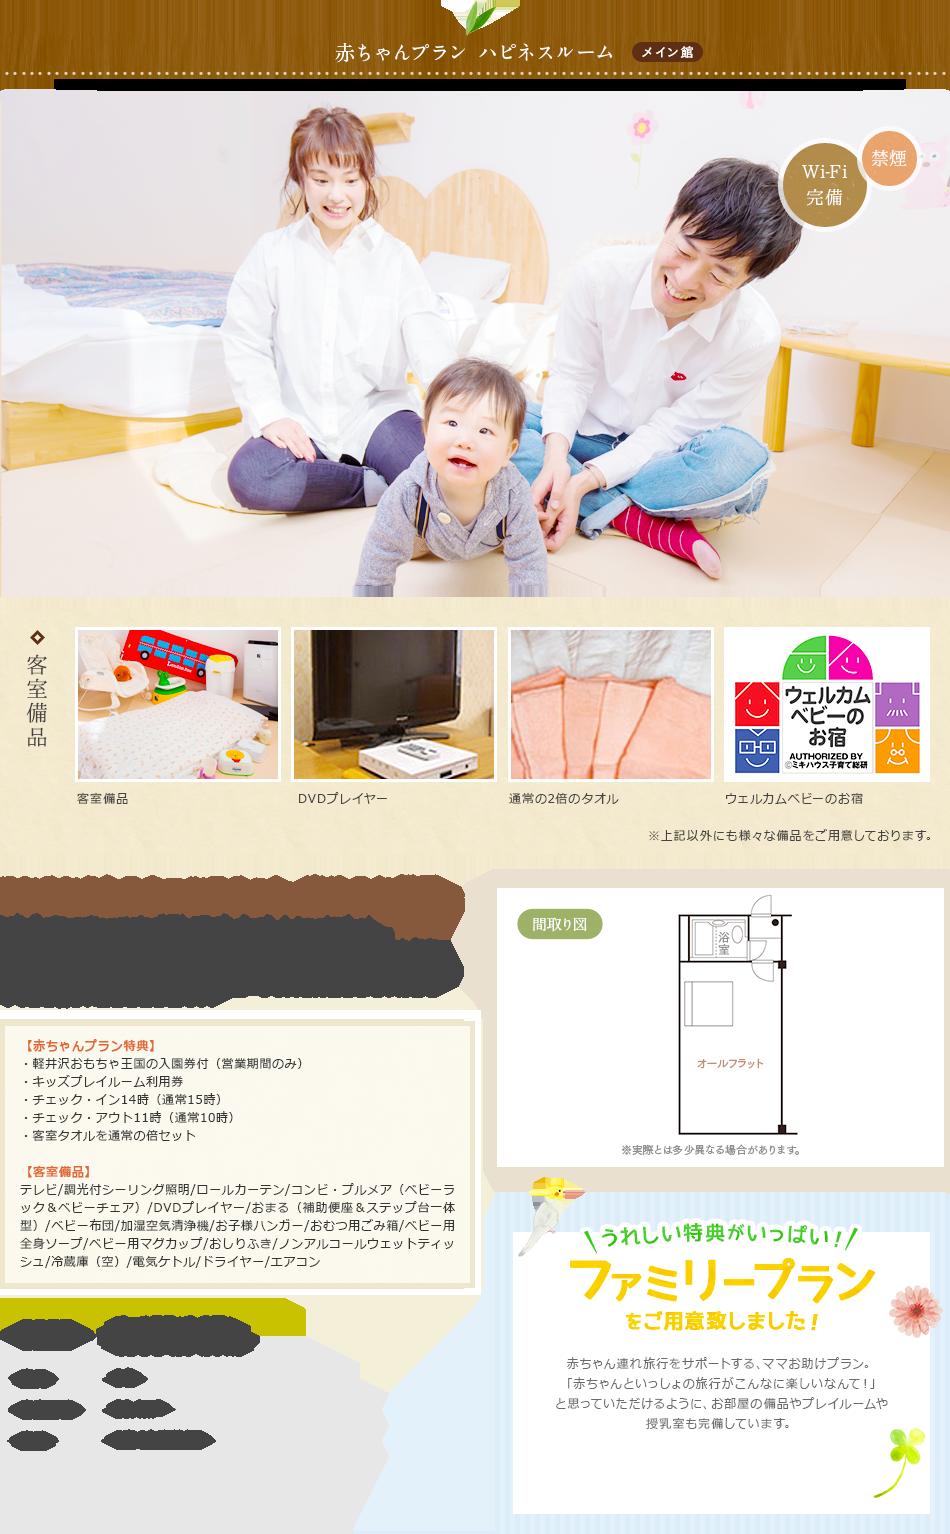 赤ちゃんプランハピネスルーム